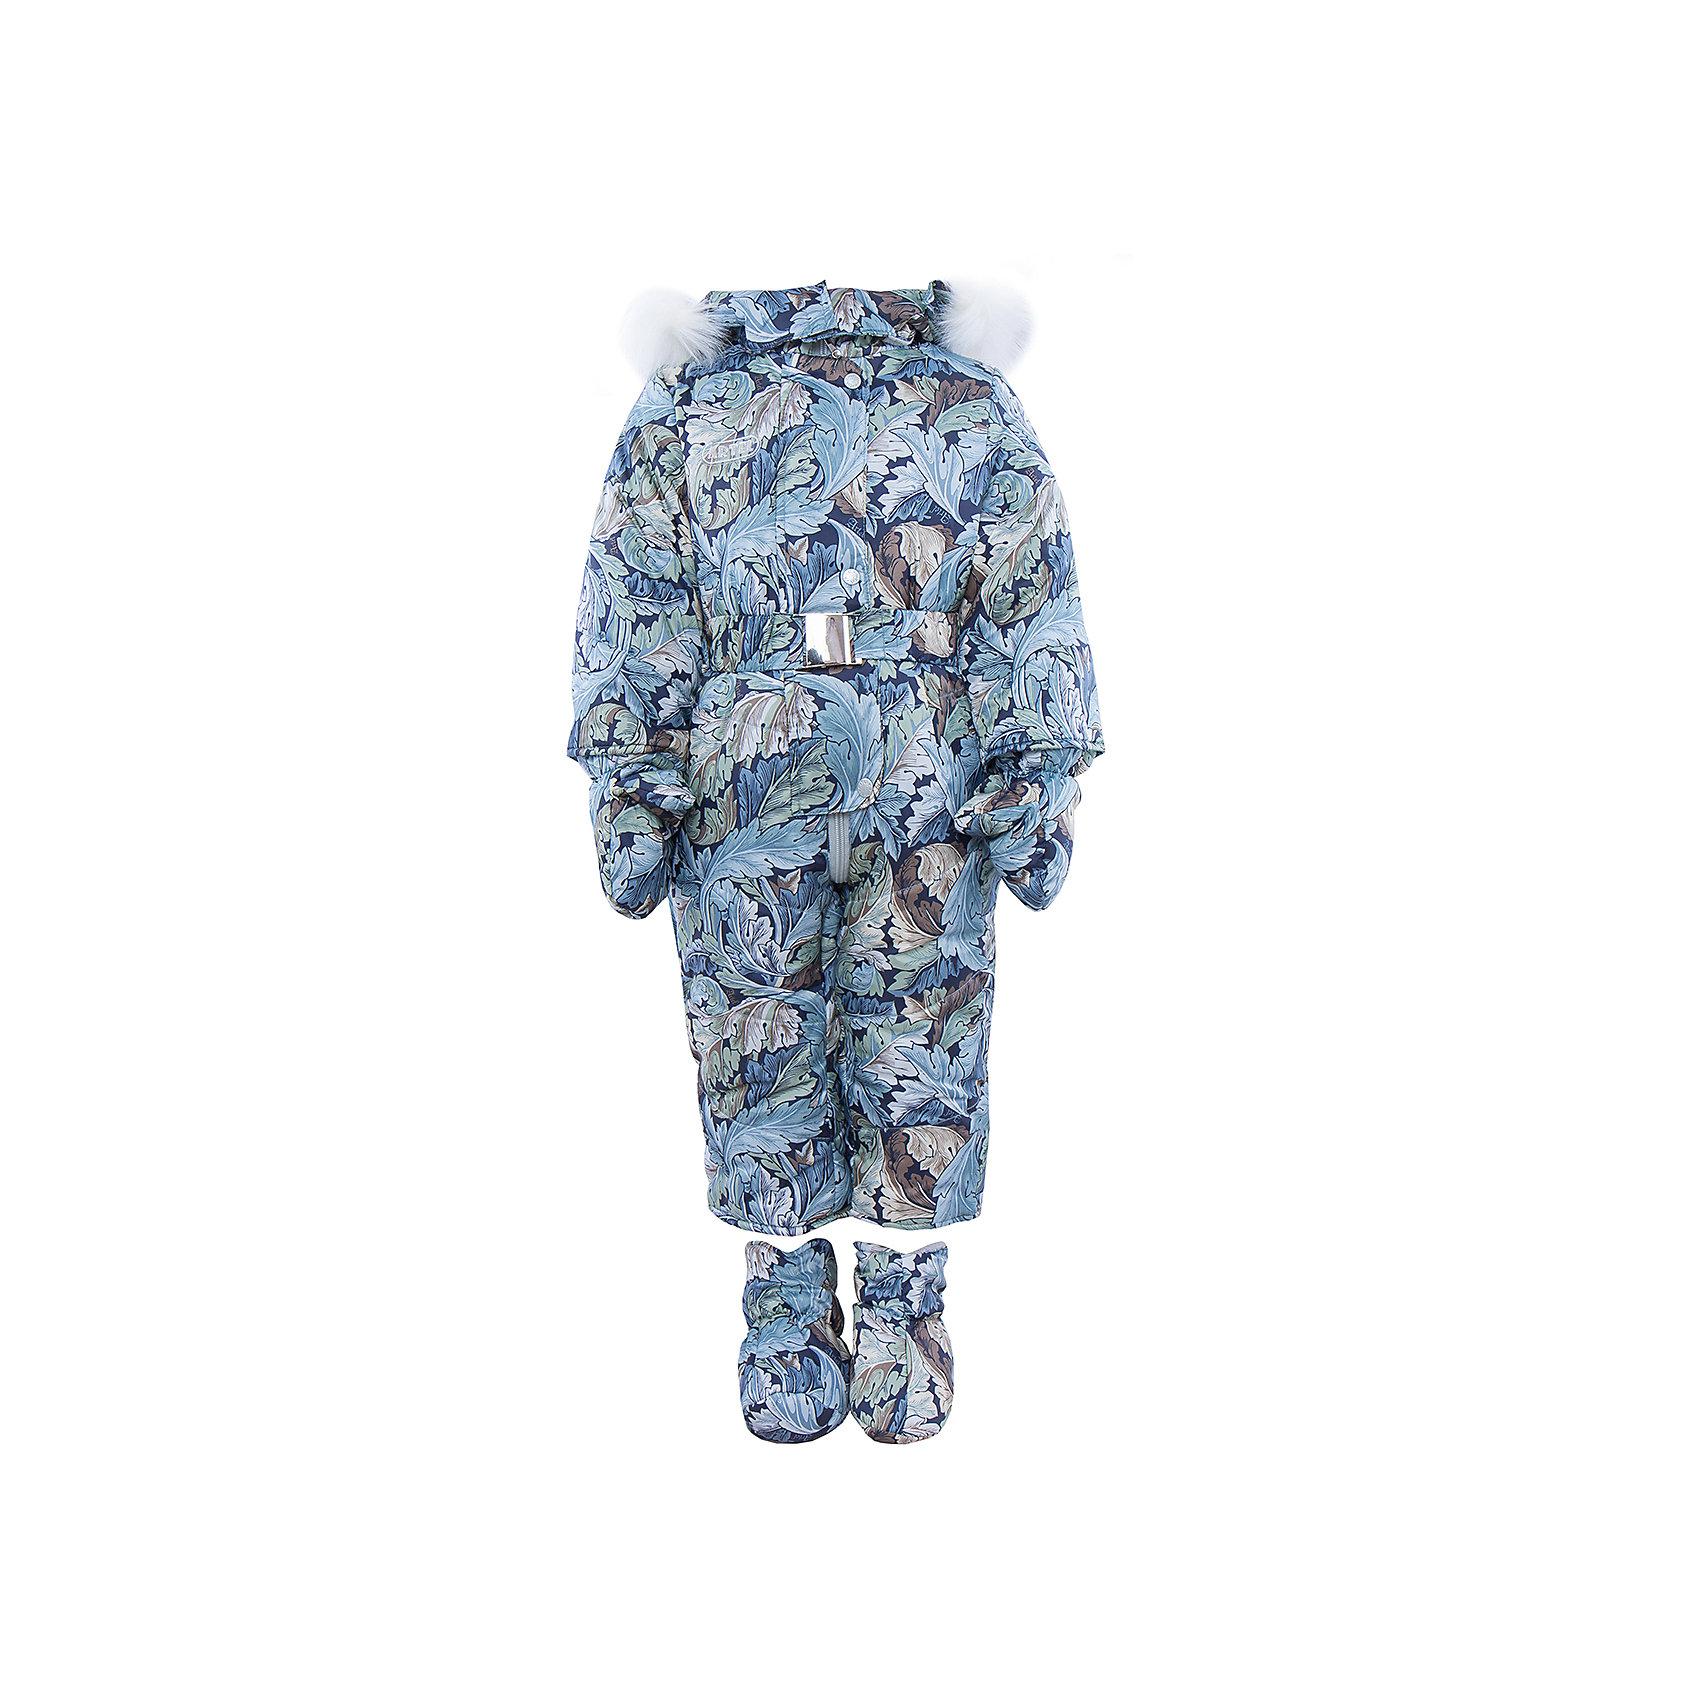 Комбинезон АртельВерхняя одежда<br>Комбинезон от известного бренда Артель<br>Модель этого теплого комбинезона комплектуется пинетками и варежками. Отворотные манжеты на рукавах и ножках позволяют регулировать длину. Глубокий капюшон на кнопках с искусственным отстегивающимся мехом песца и центральная застежка на молнию, прикрытая притачной широкой планкой на кнопках, обеспечивают дополнительную защиту от холода. По линии талии расположен пояс на резинке с декоративной пряжкой. На левой стороне груди есть нашивка, на штанишках - вшитые карманы на молнии.<br>Состав:<br>Верх: YSD 819<br>Подкладка: интерлок<br>Утеплитель: термофайбер 300гр<br><br>Ширина мм: 356<br>Глубина мм: 10<br>Высота мм: 245<br>Вес г: 519<br>Цвет: голубой<br>Возраст от месяцев: 12<br>Возраст до месяцев: 18<br>Пол: Женский<br>Возраст: Детский<br>Размер: 86,74,80<br>SKU: 4963570